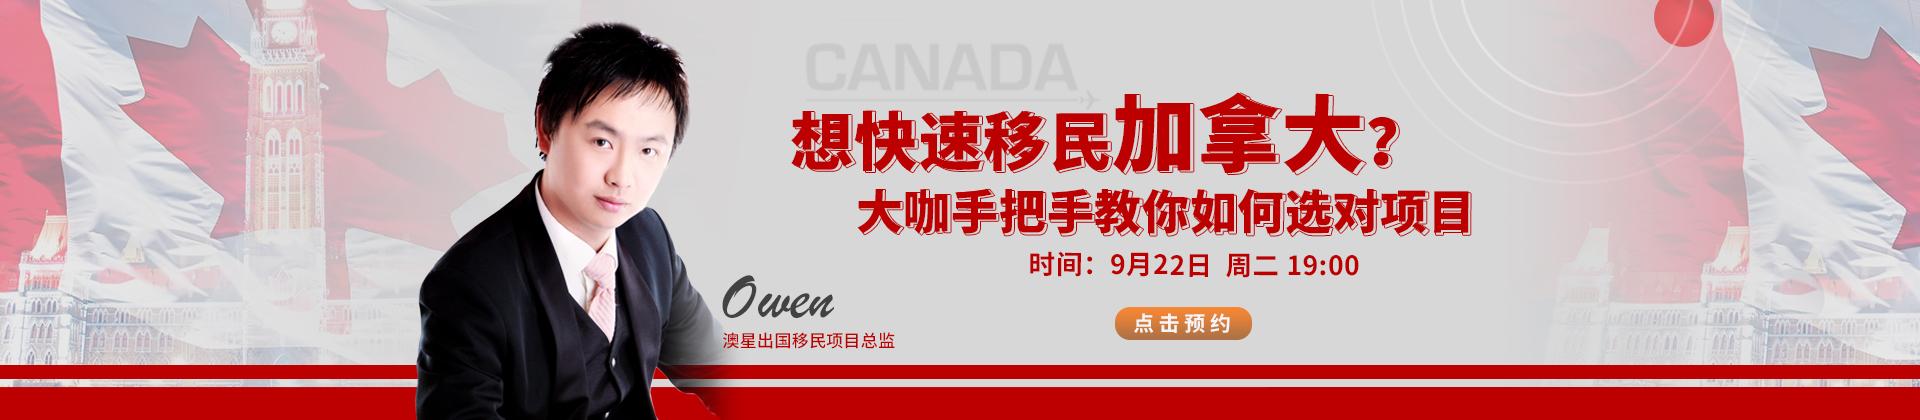 加拿大直播